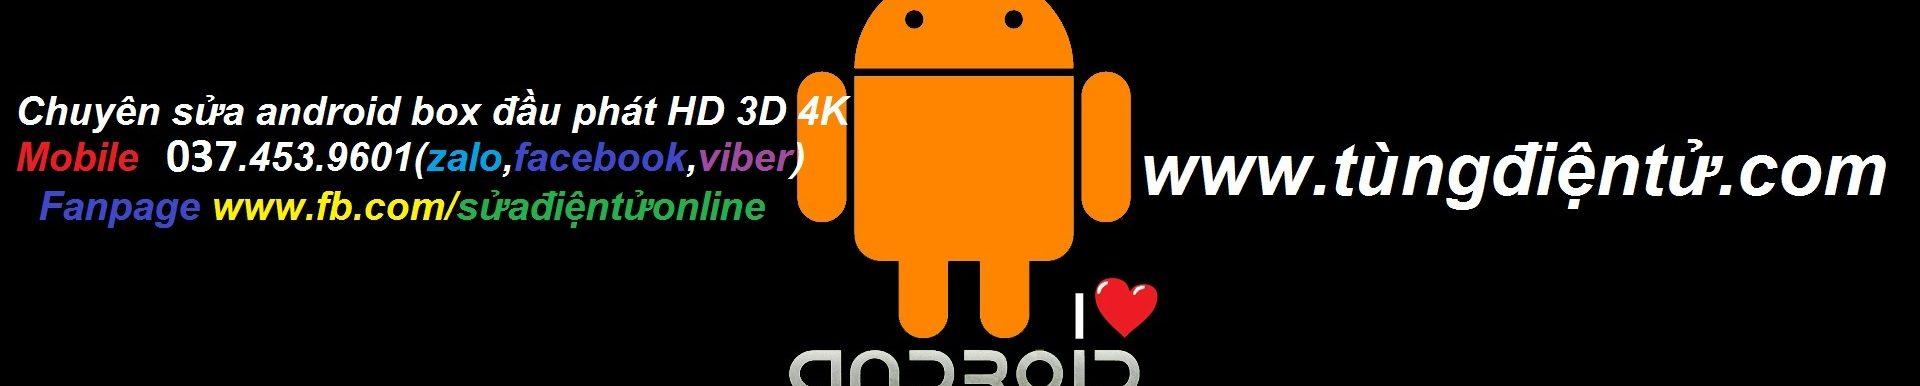 www.tùngđiệntử.com chuyên sửa android box đầu phát HD 3D 4K tại hà nội